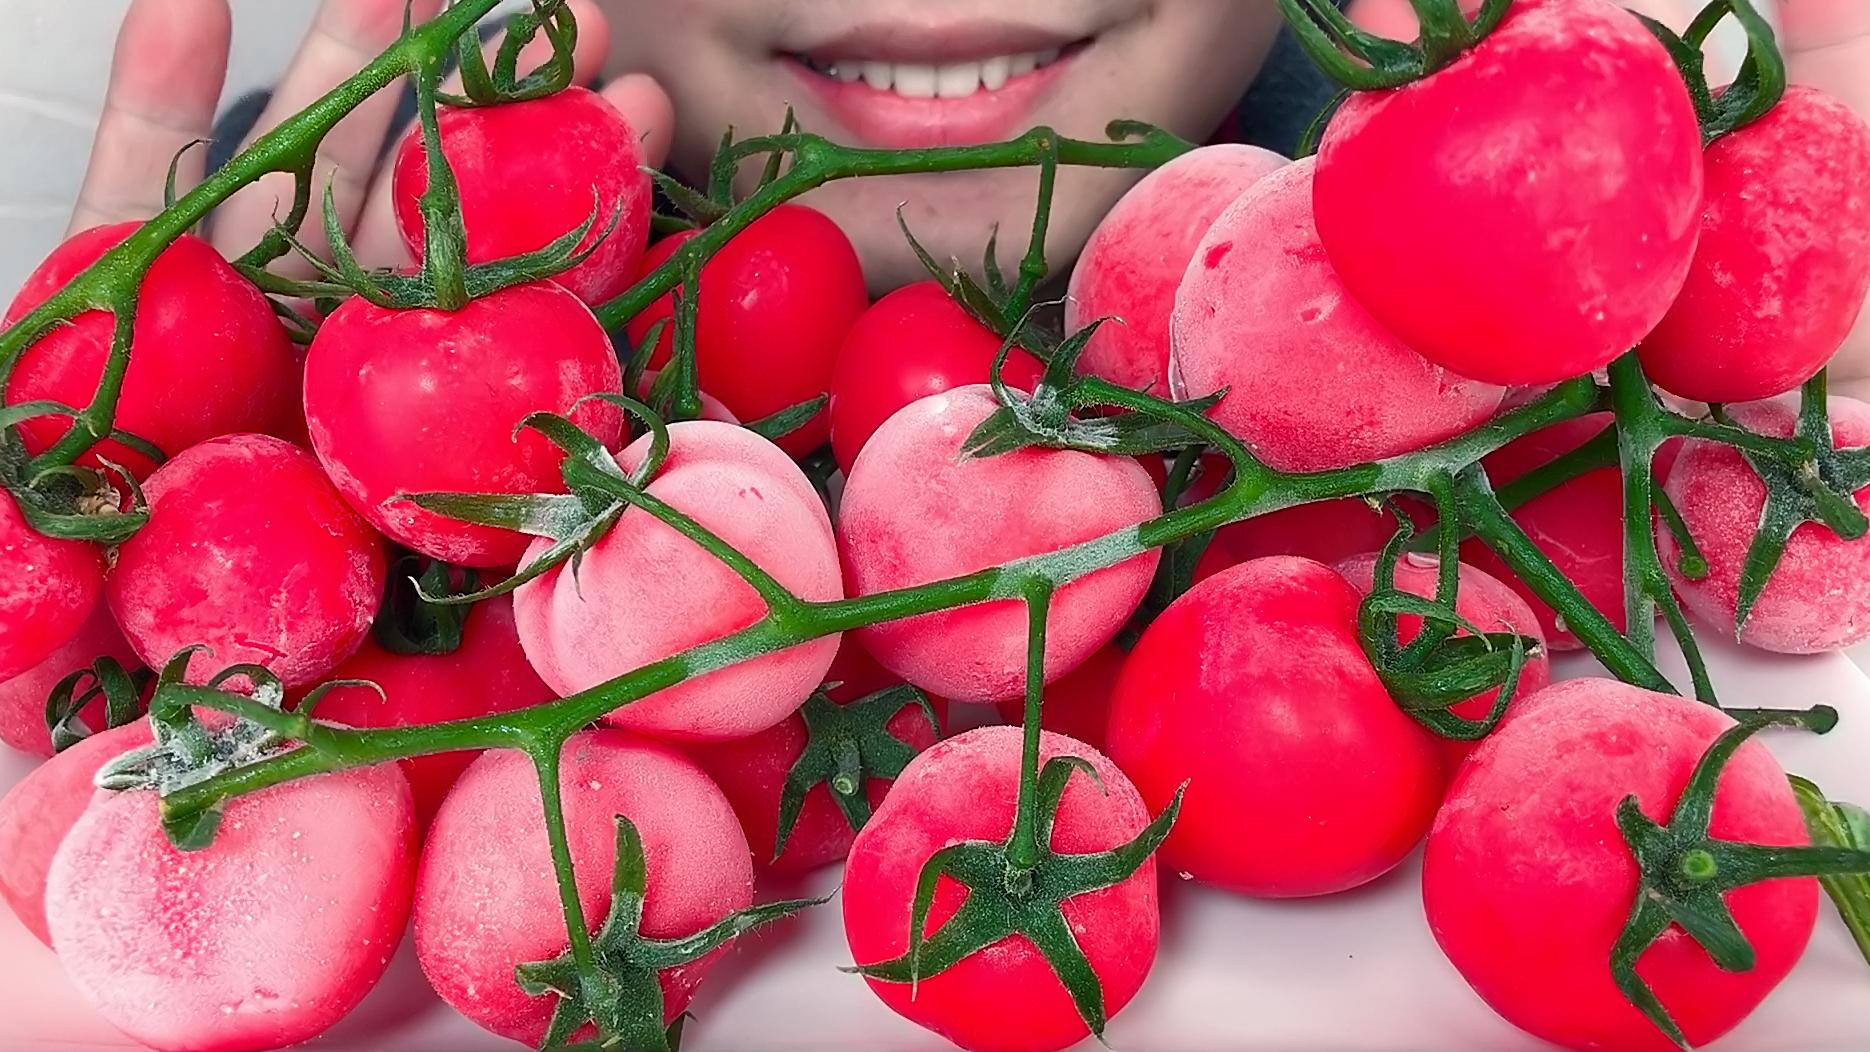 吃完1.7斤冰冻枝纯串收小番茄,听沙沙沙的声音!